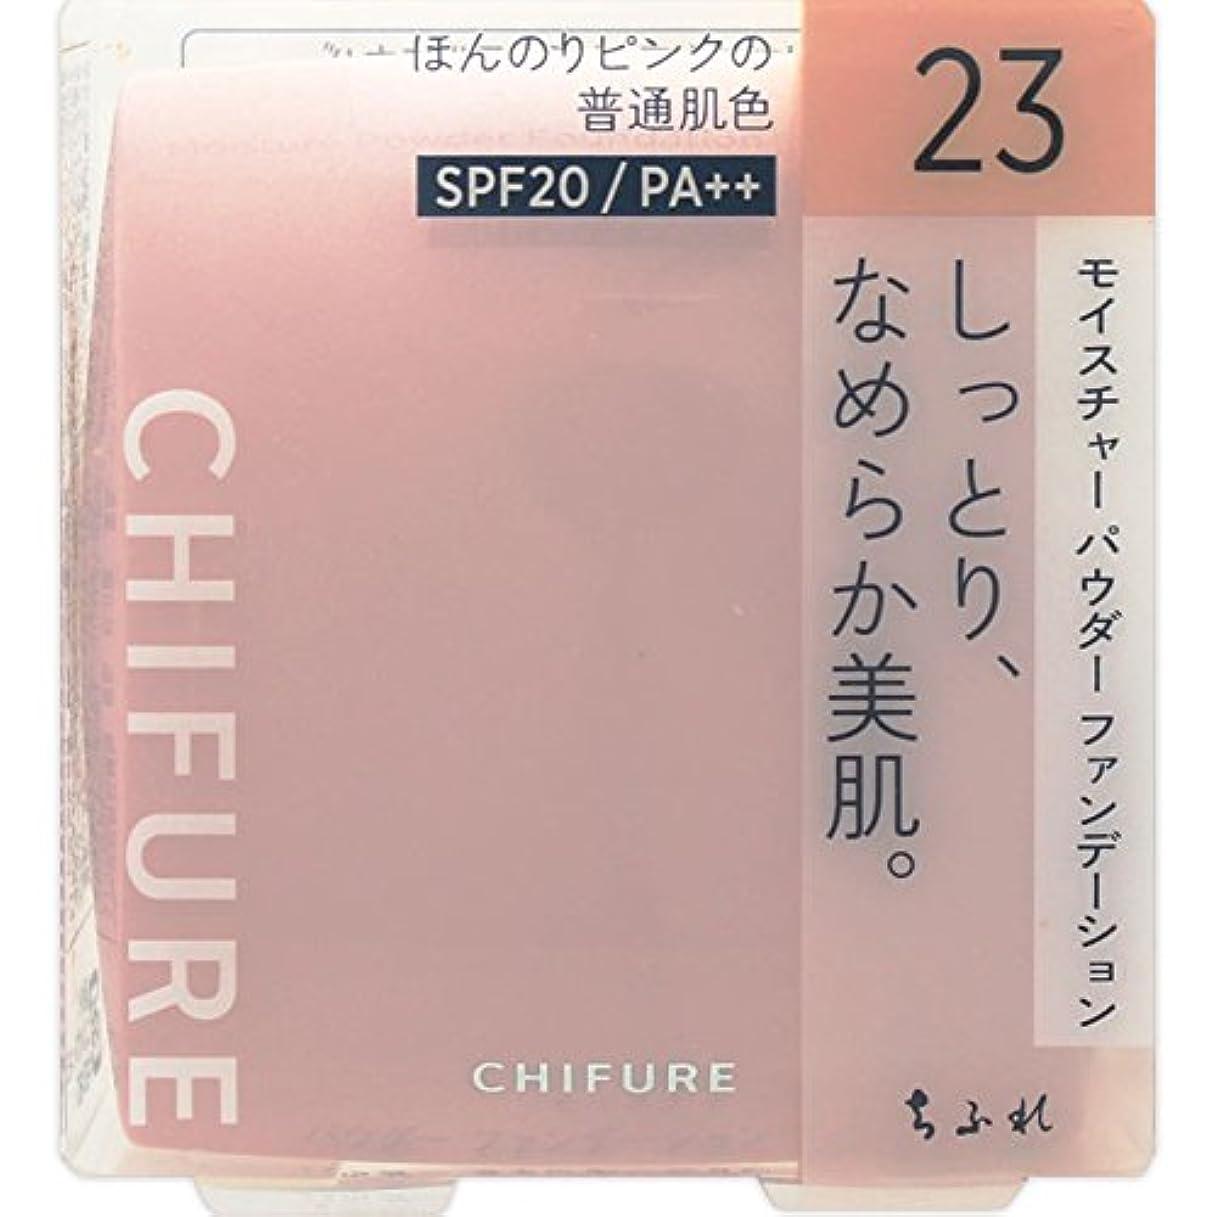 フクロウたくさんの寝室ちふれ化粧品 モイスチャー パウダーファンデーション(スポンジ入り) 23 ピンクオークル系 MパウダーFD23